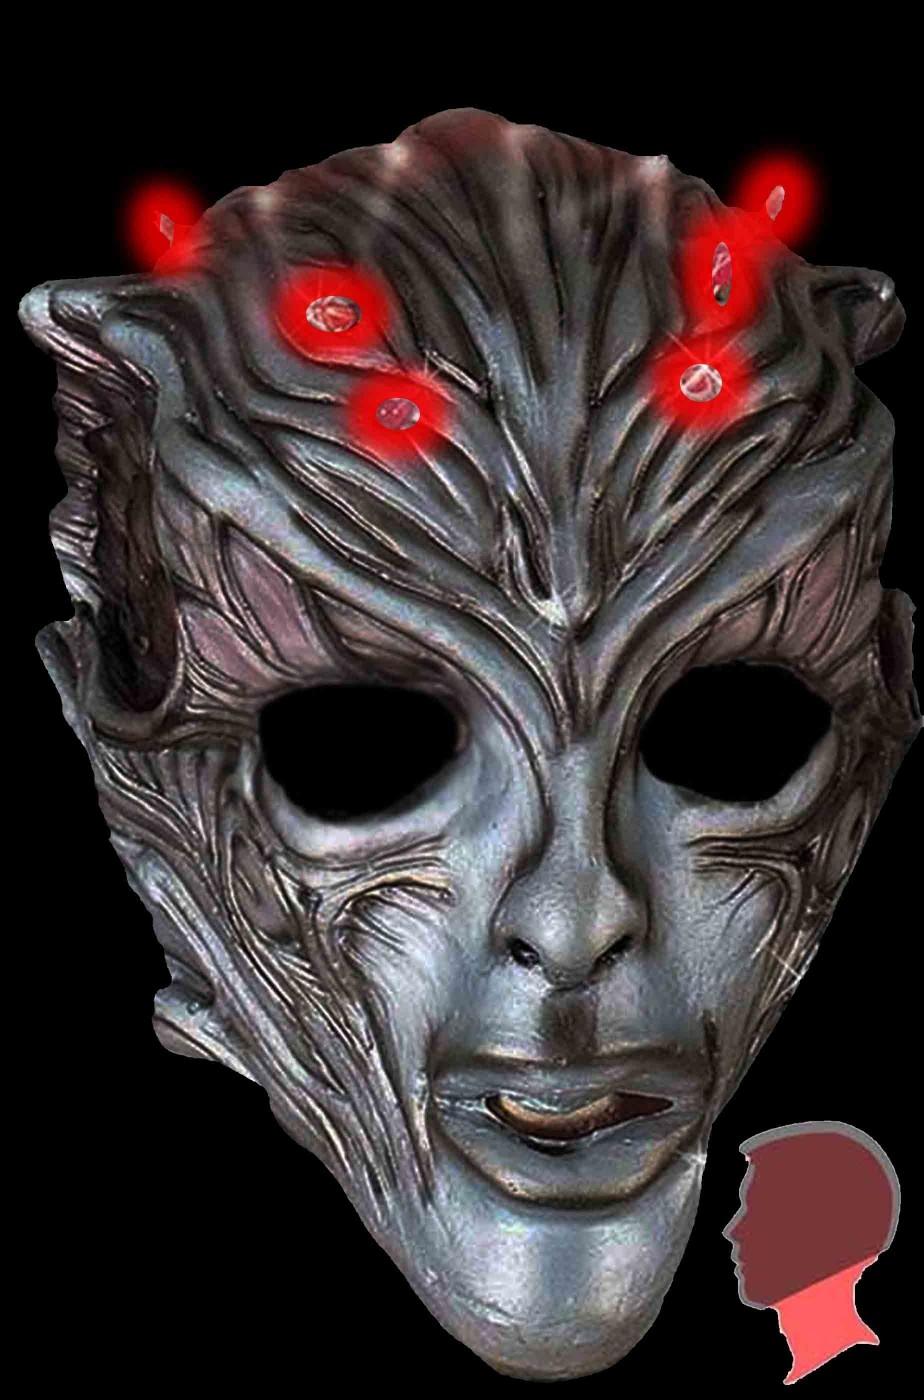 Maschera alieno androide con LED sulla fronte